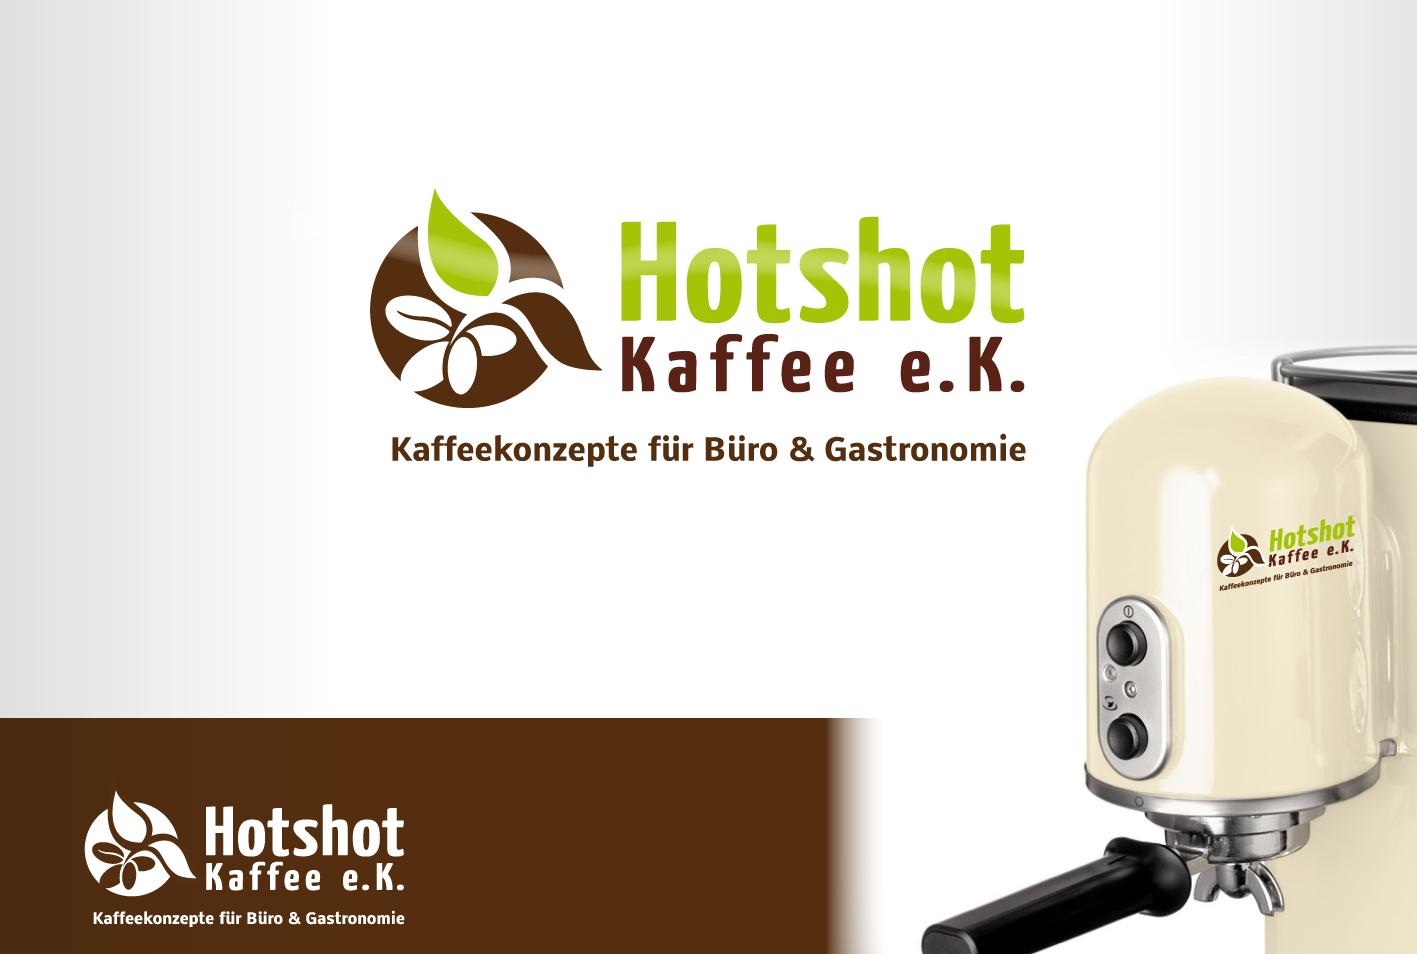 Logo für Neugründung. Vertrieb von Kaffeekonzepten  Name Hotshot-Kaffee